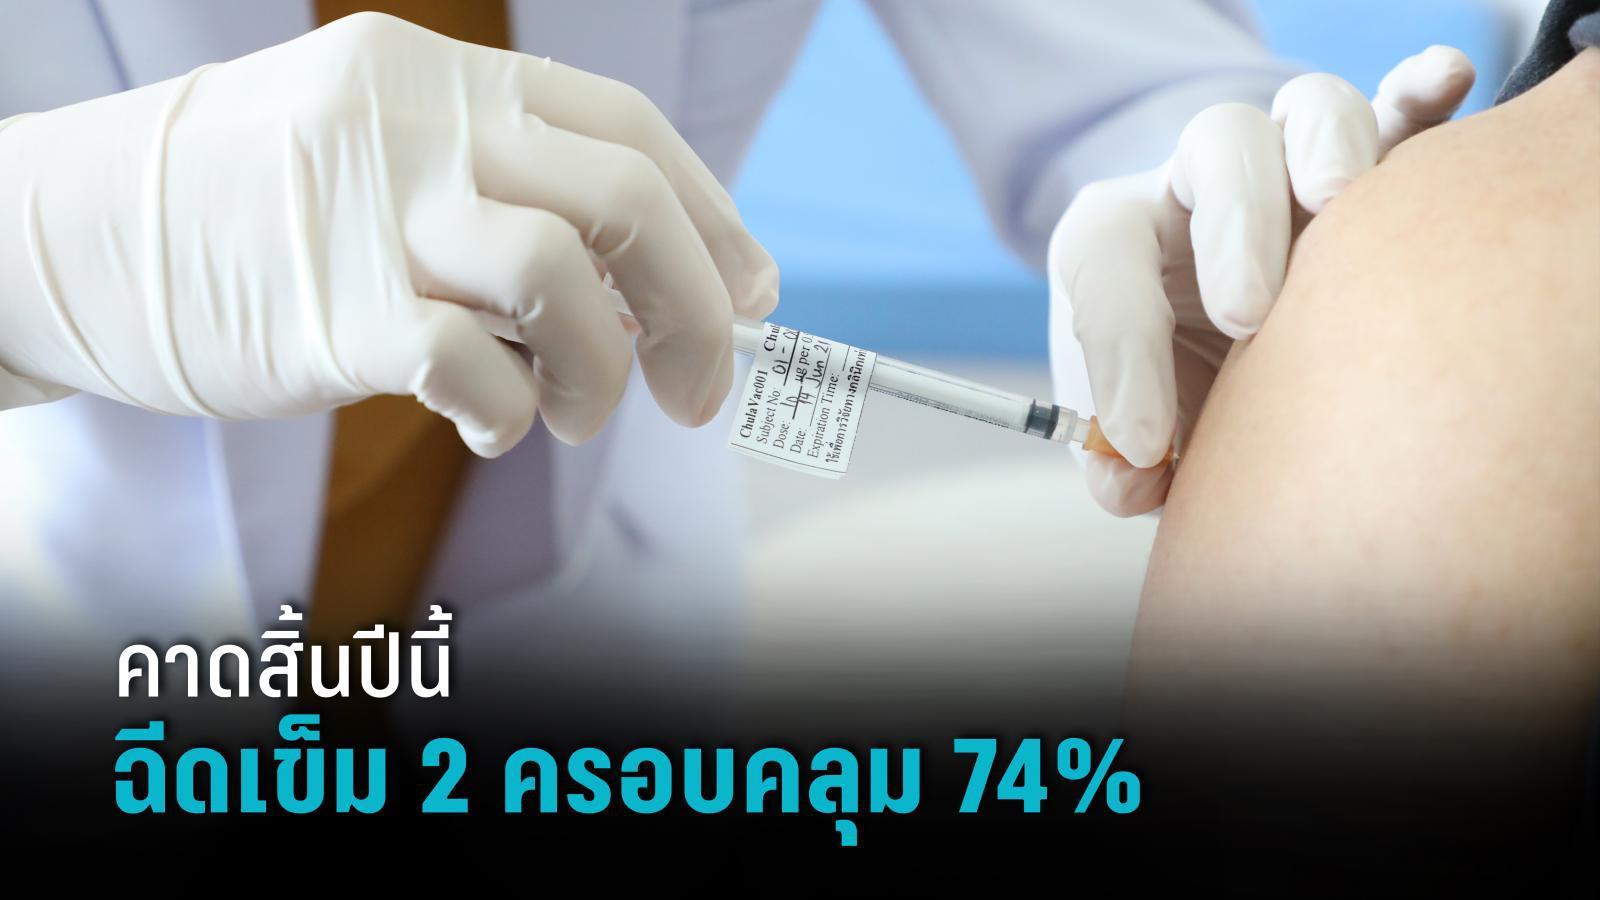 ไทยฉีดวัคซีนโควิด-19 เกิน 50 ล้านโดส คาดสิ้นปีฉีดเข็ม 2 ครอบคลุม 74%